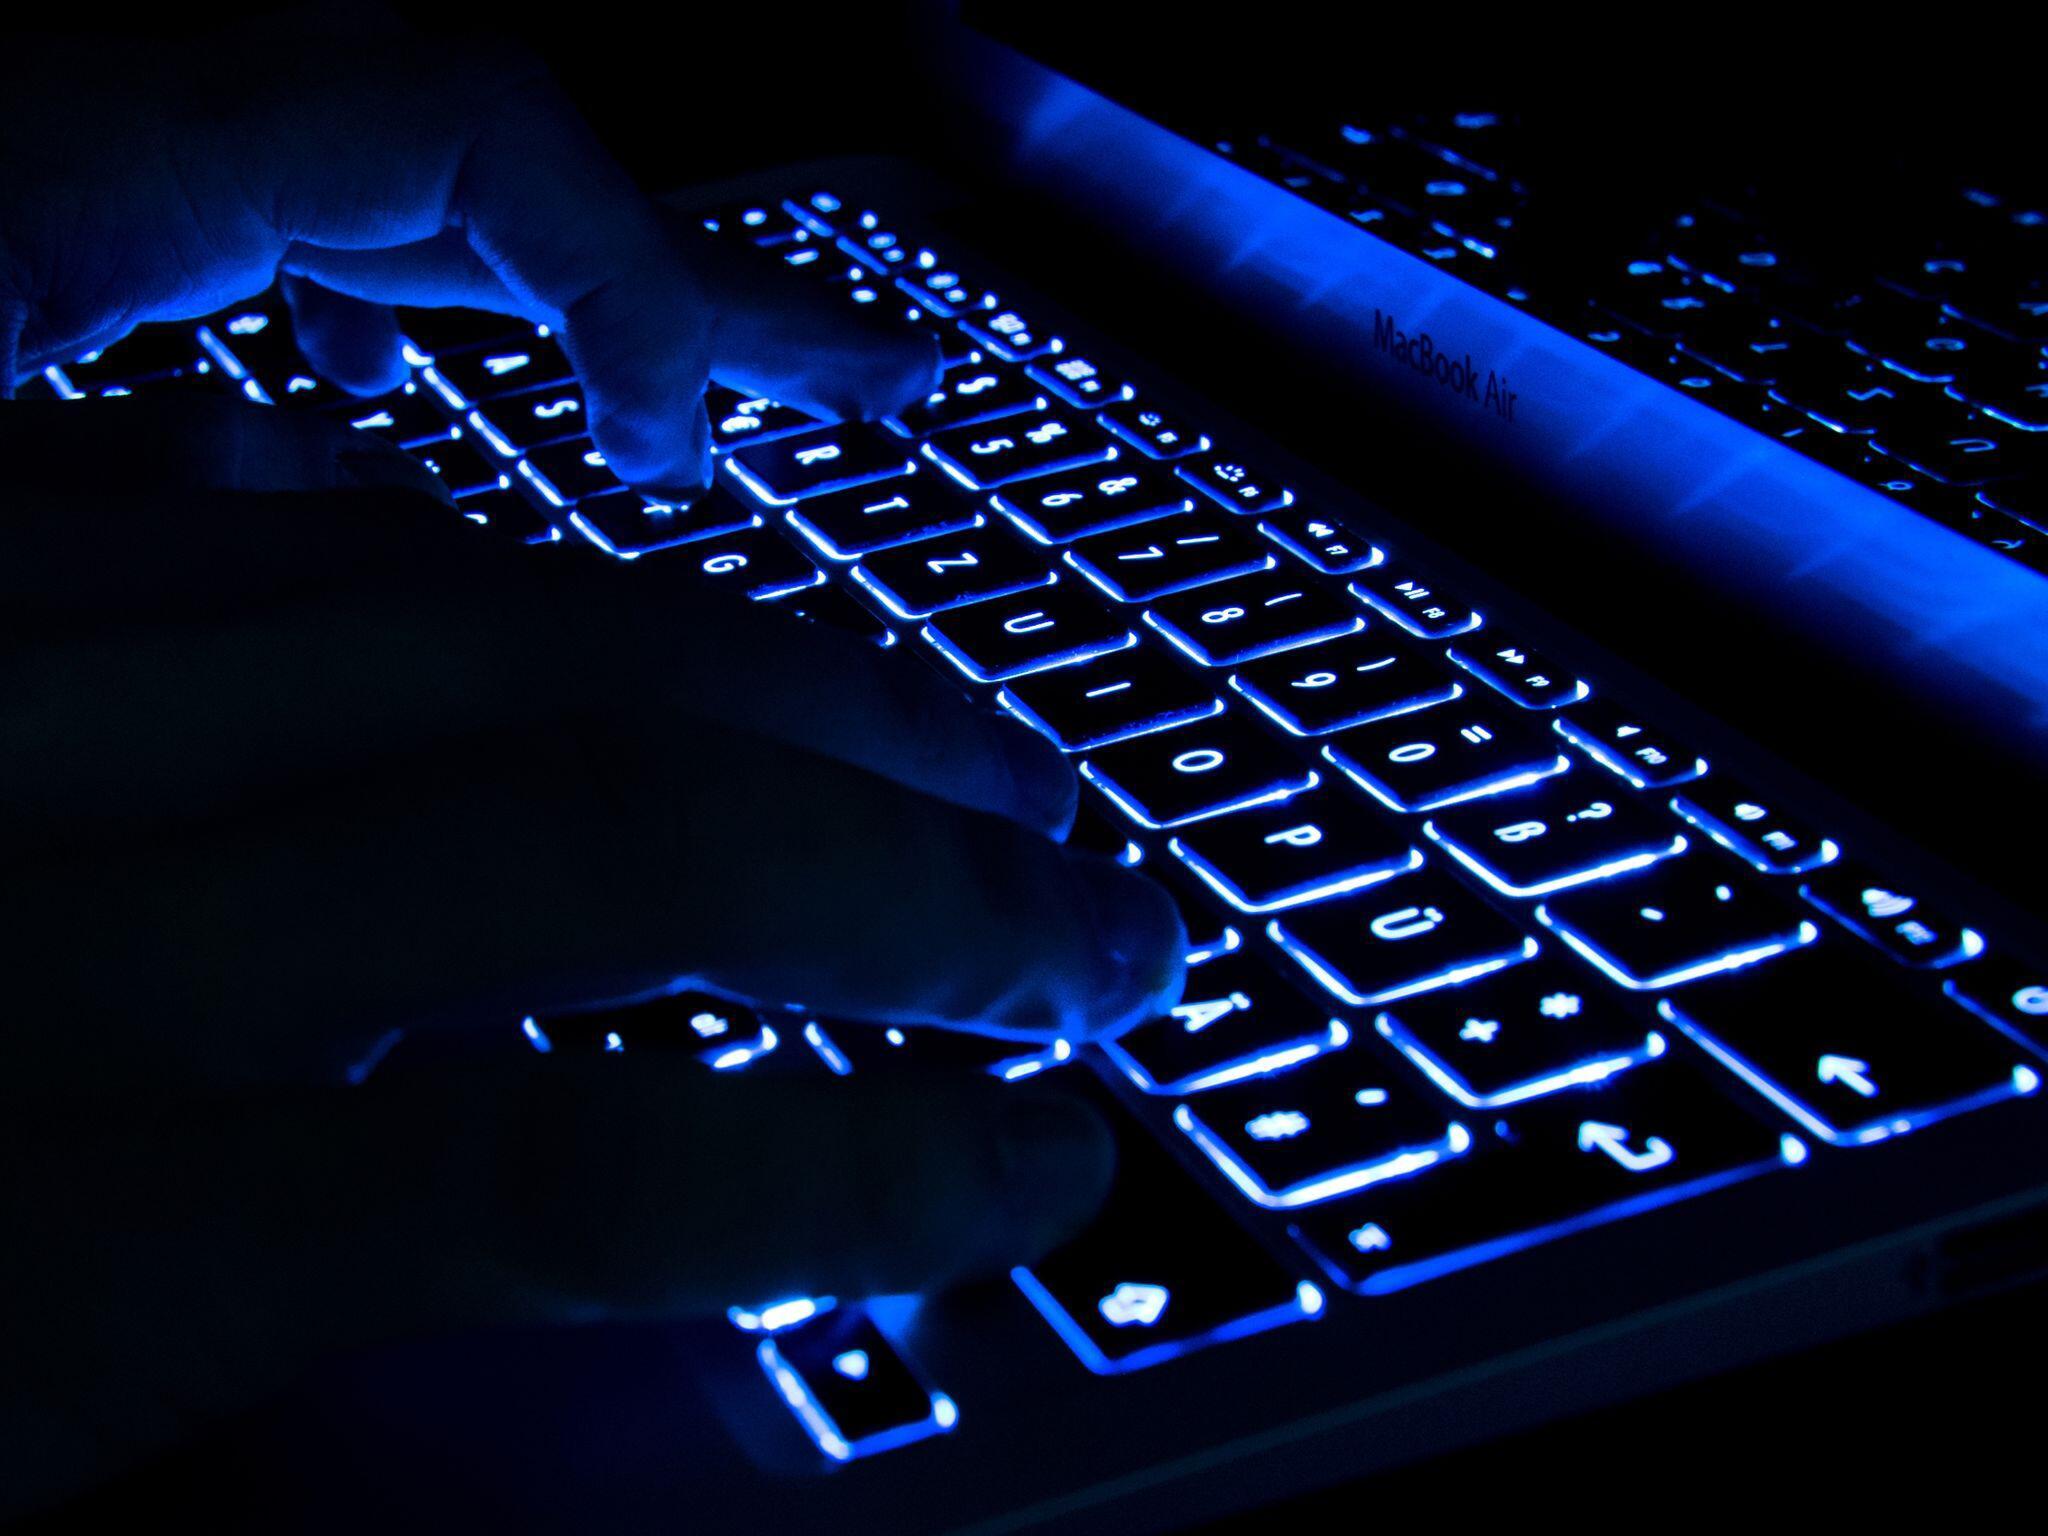 Bild zu Computertastatur im Dunkeln